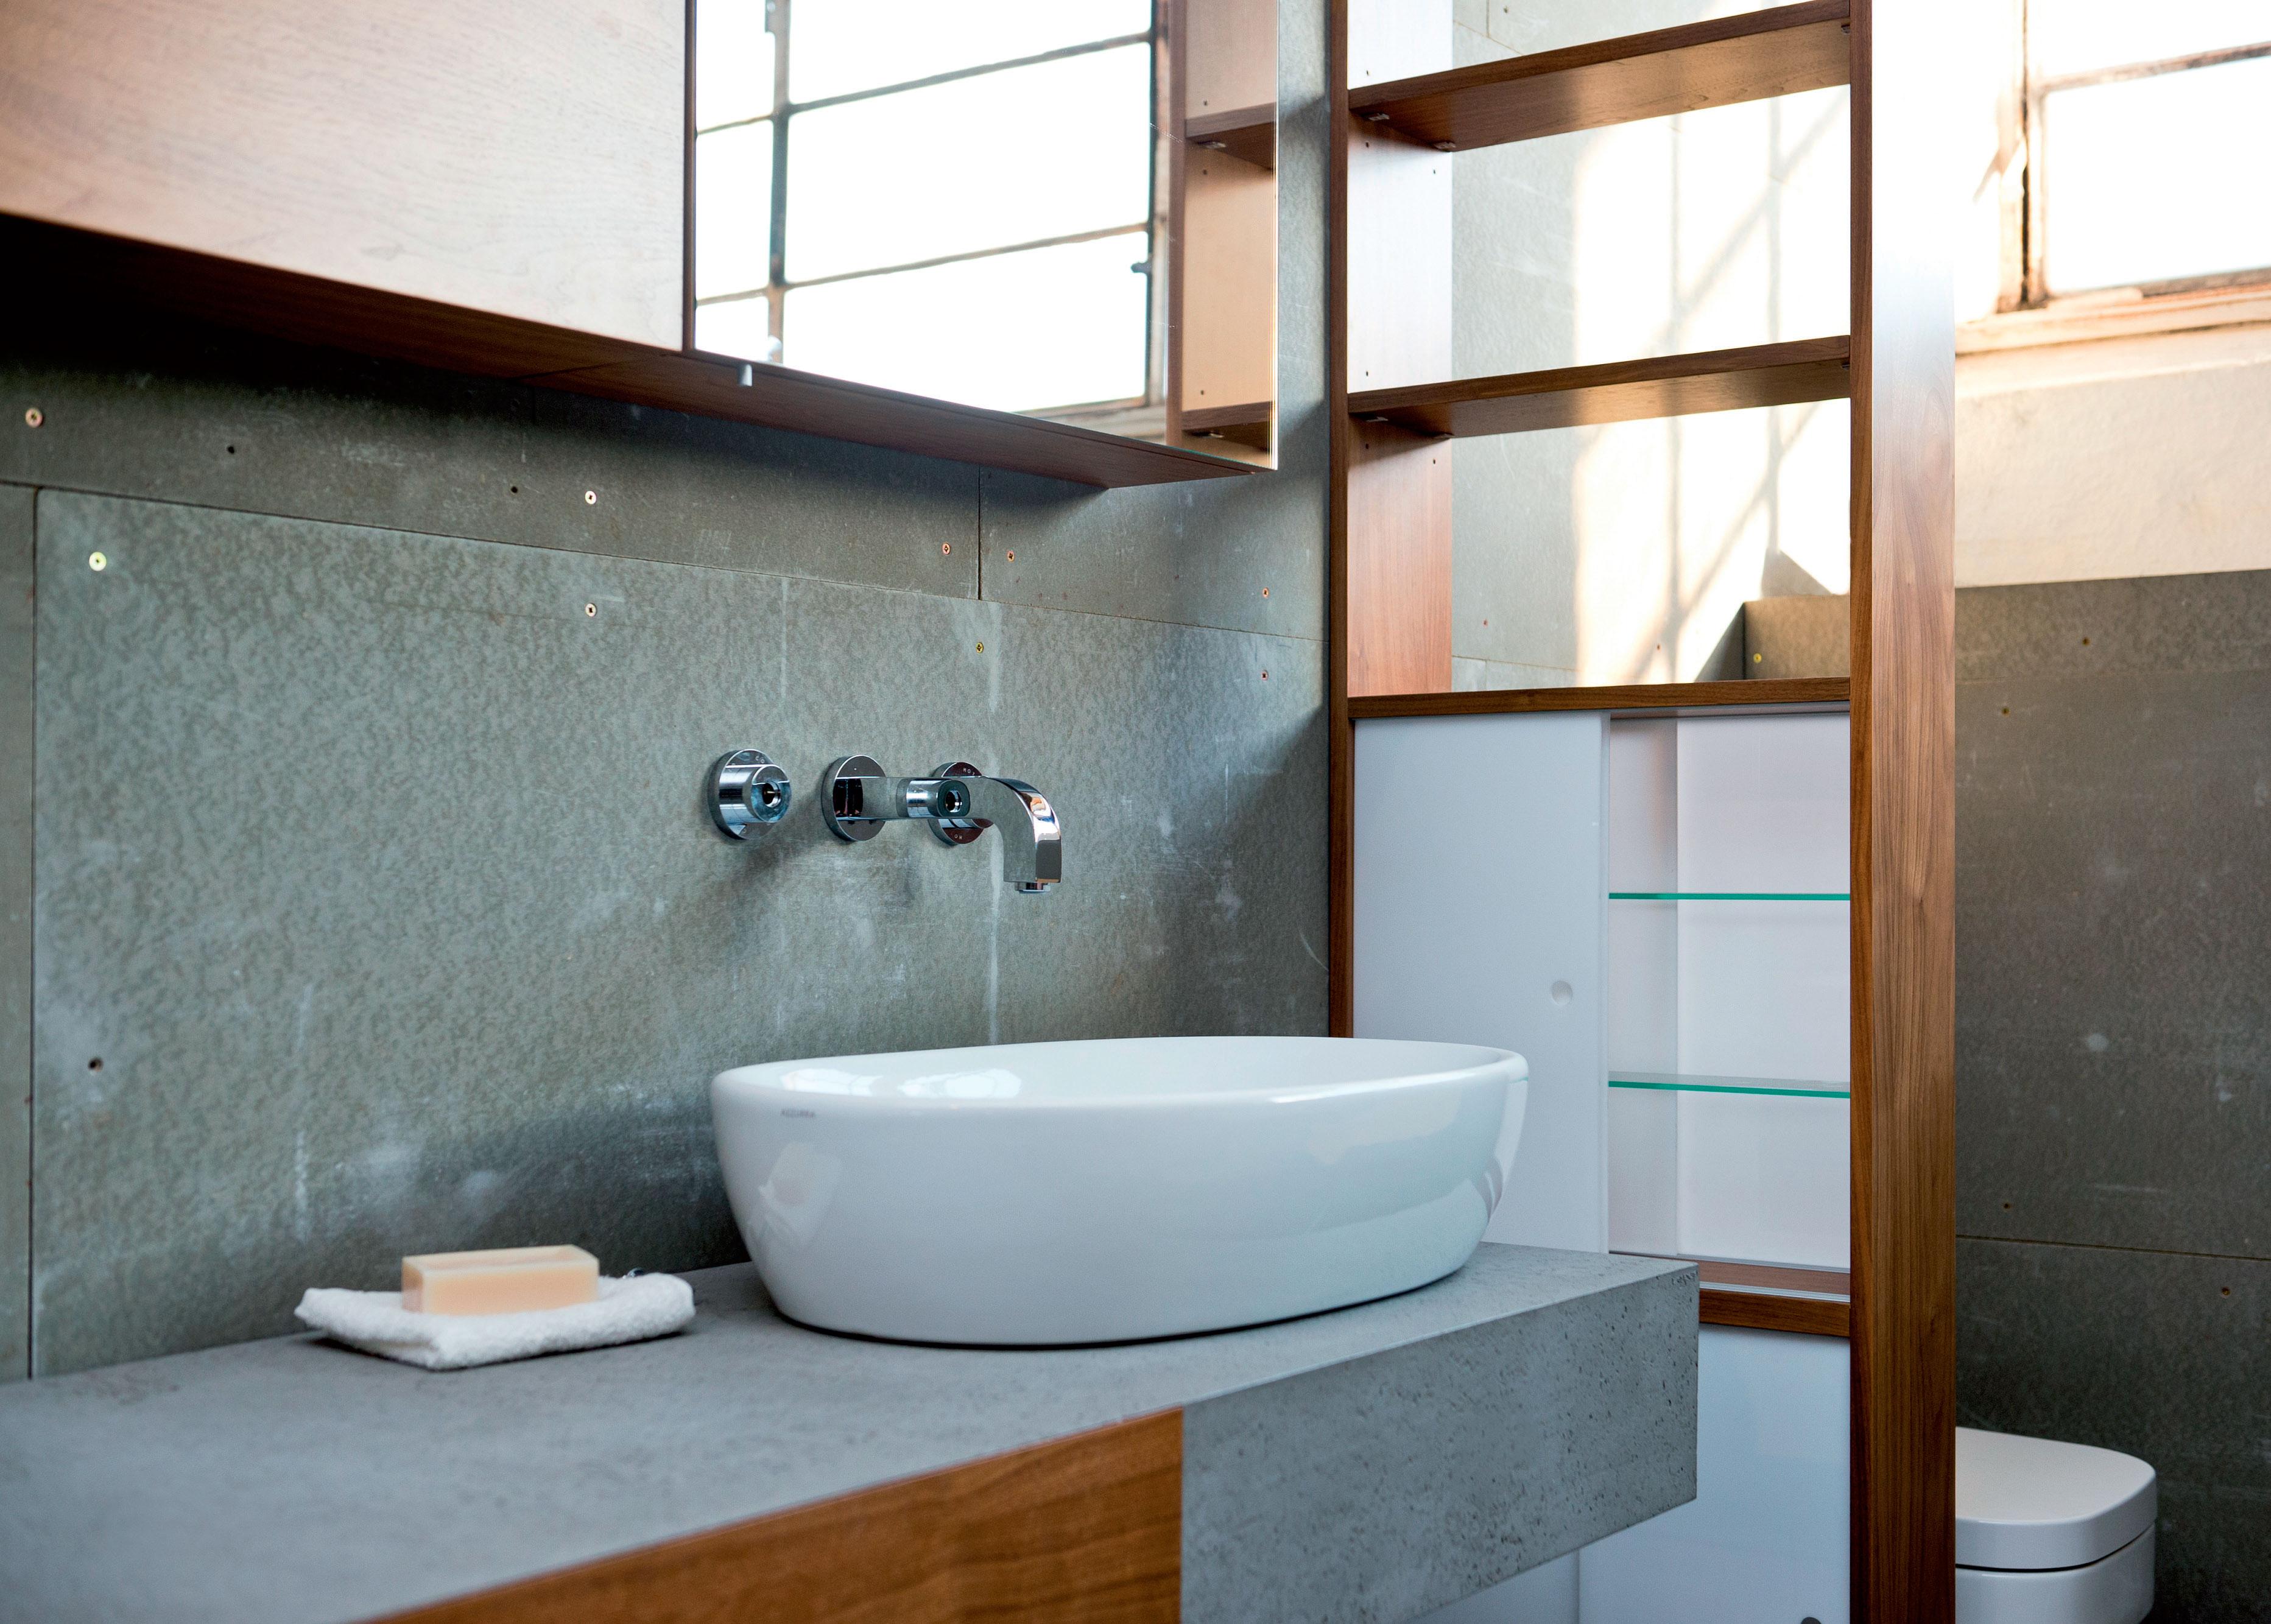 Parete del bagno facilmente lavabile realizzata in resina